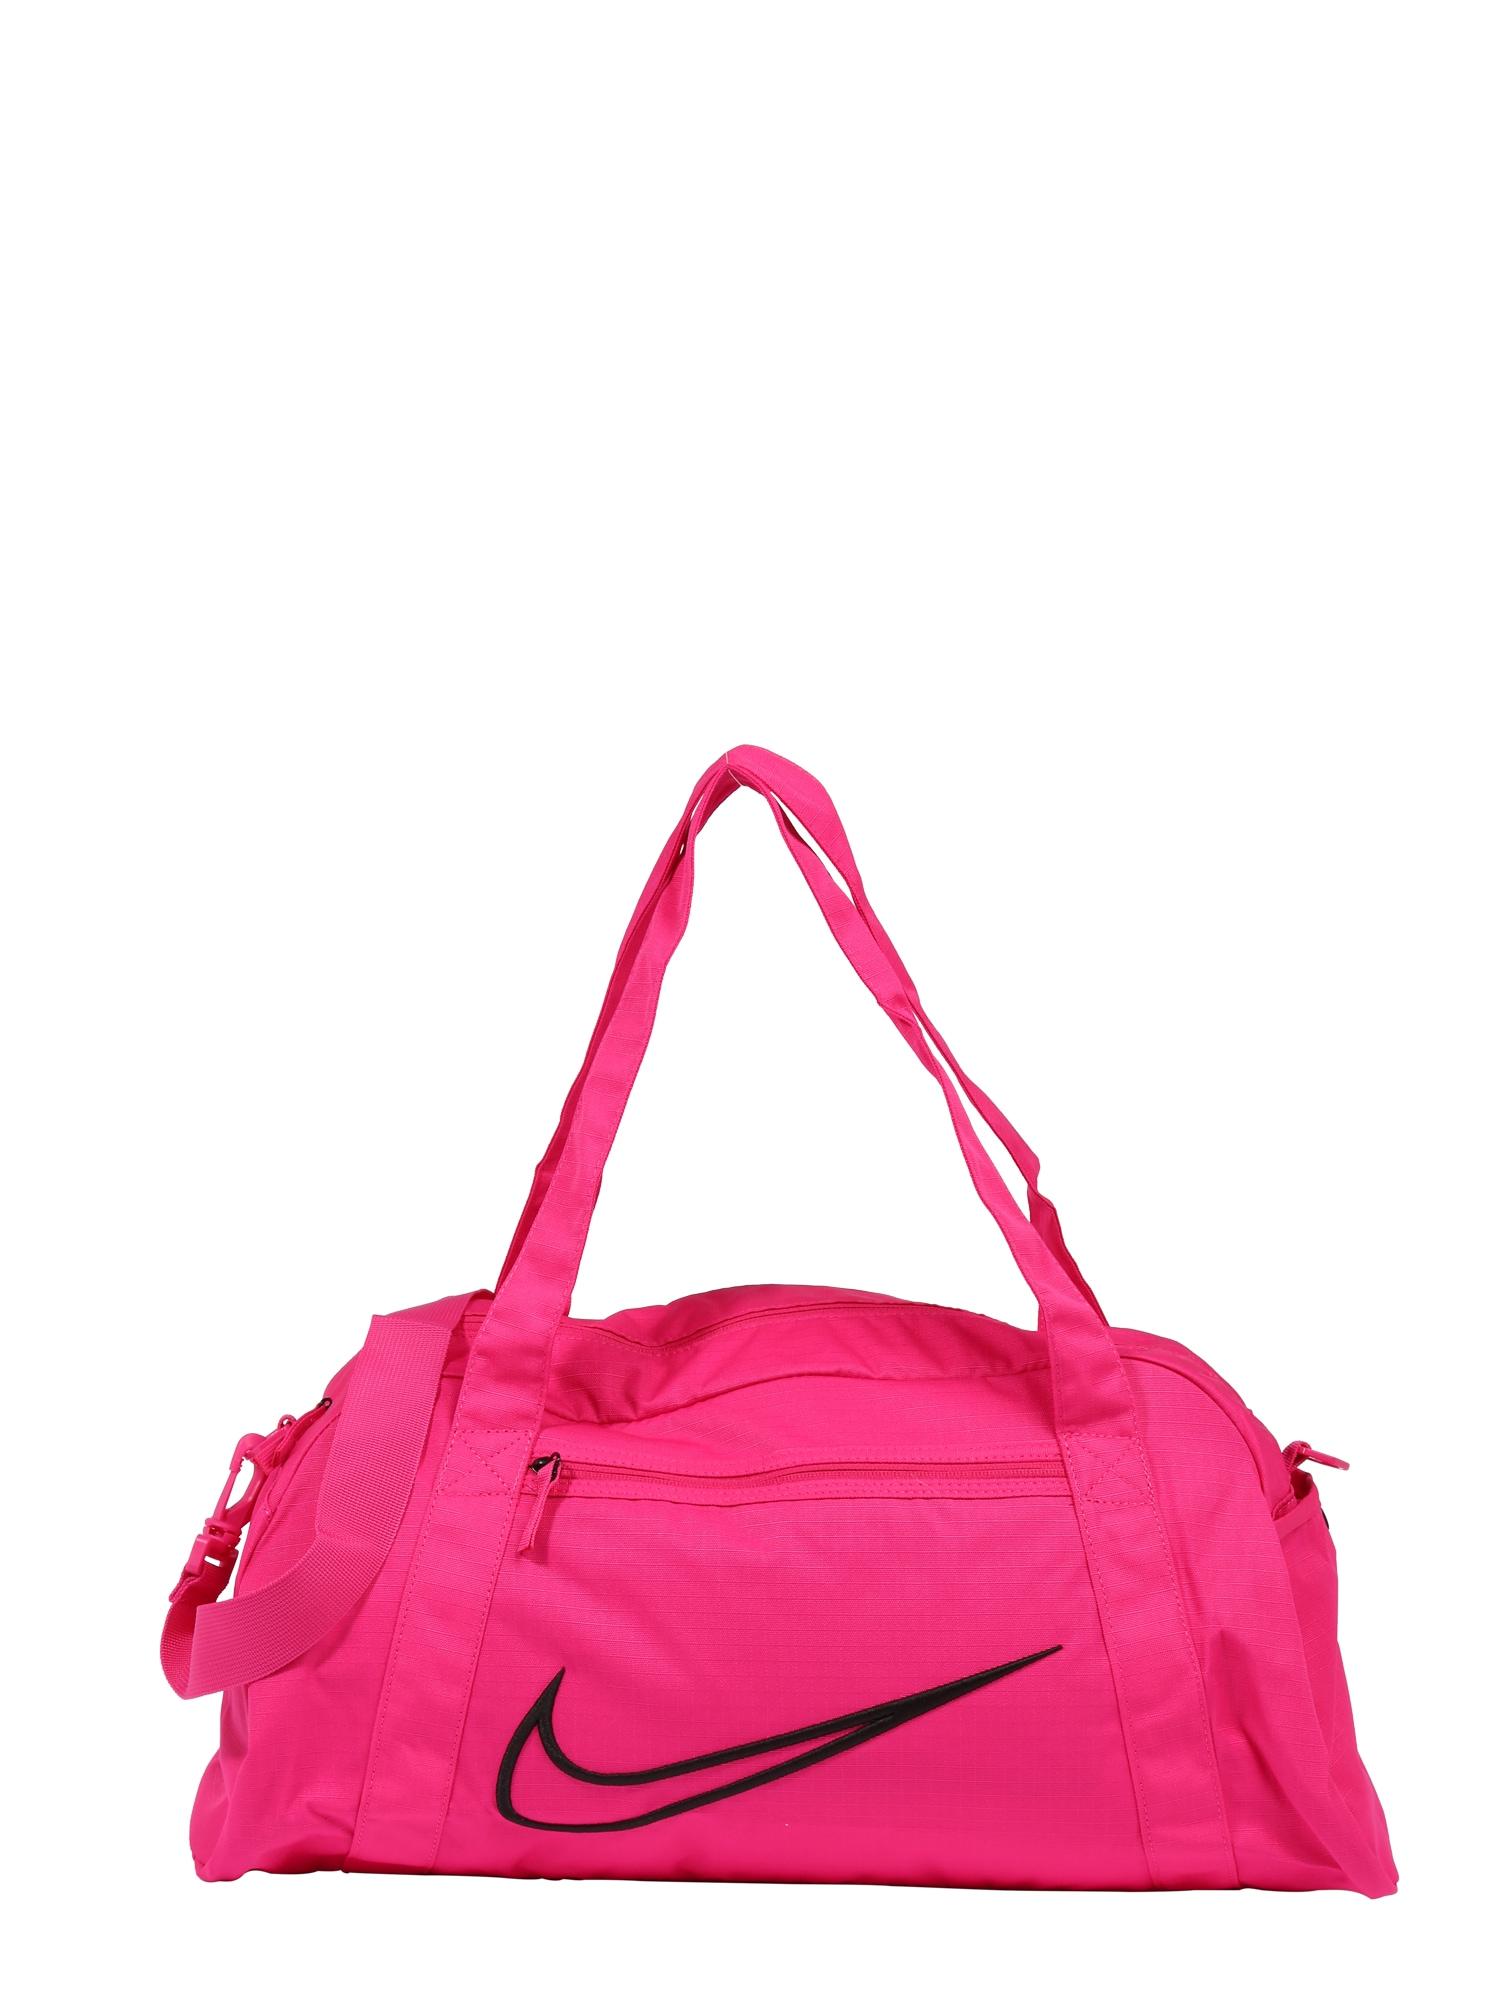 NIKE Sportinis krepšys fuksijų spalva / juoda